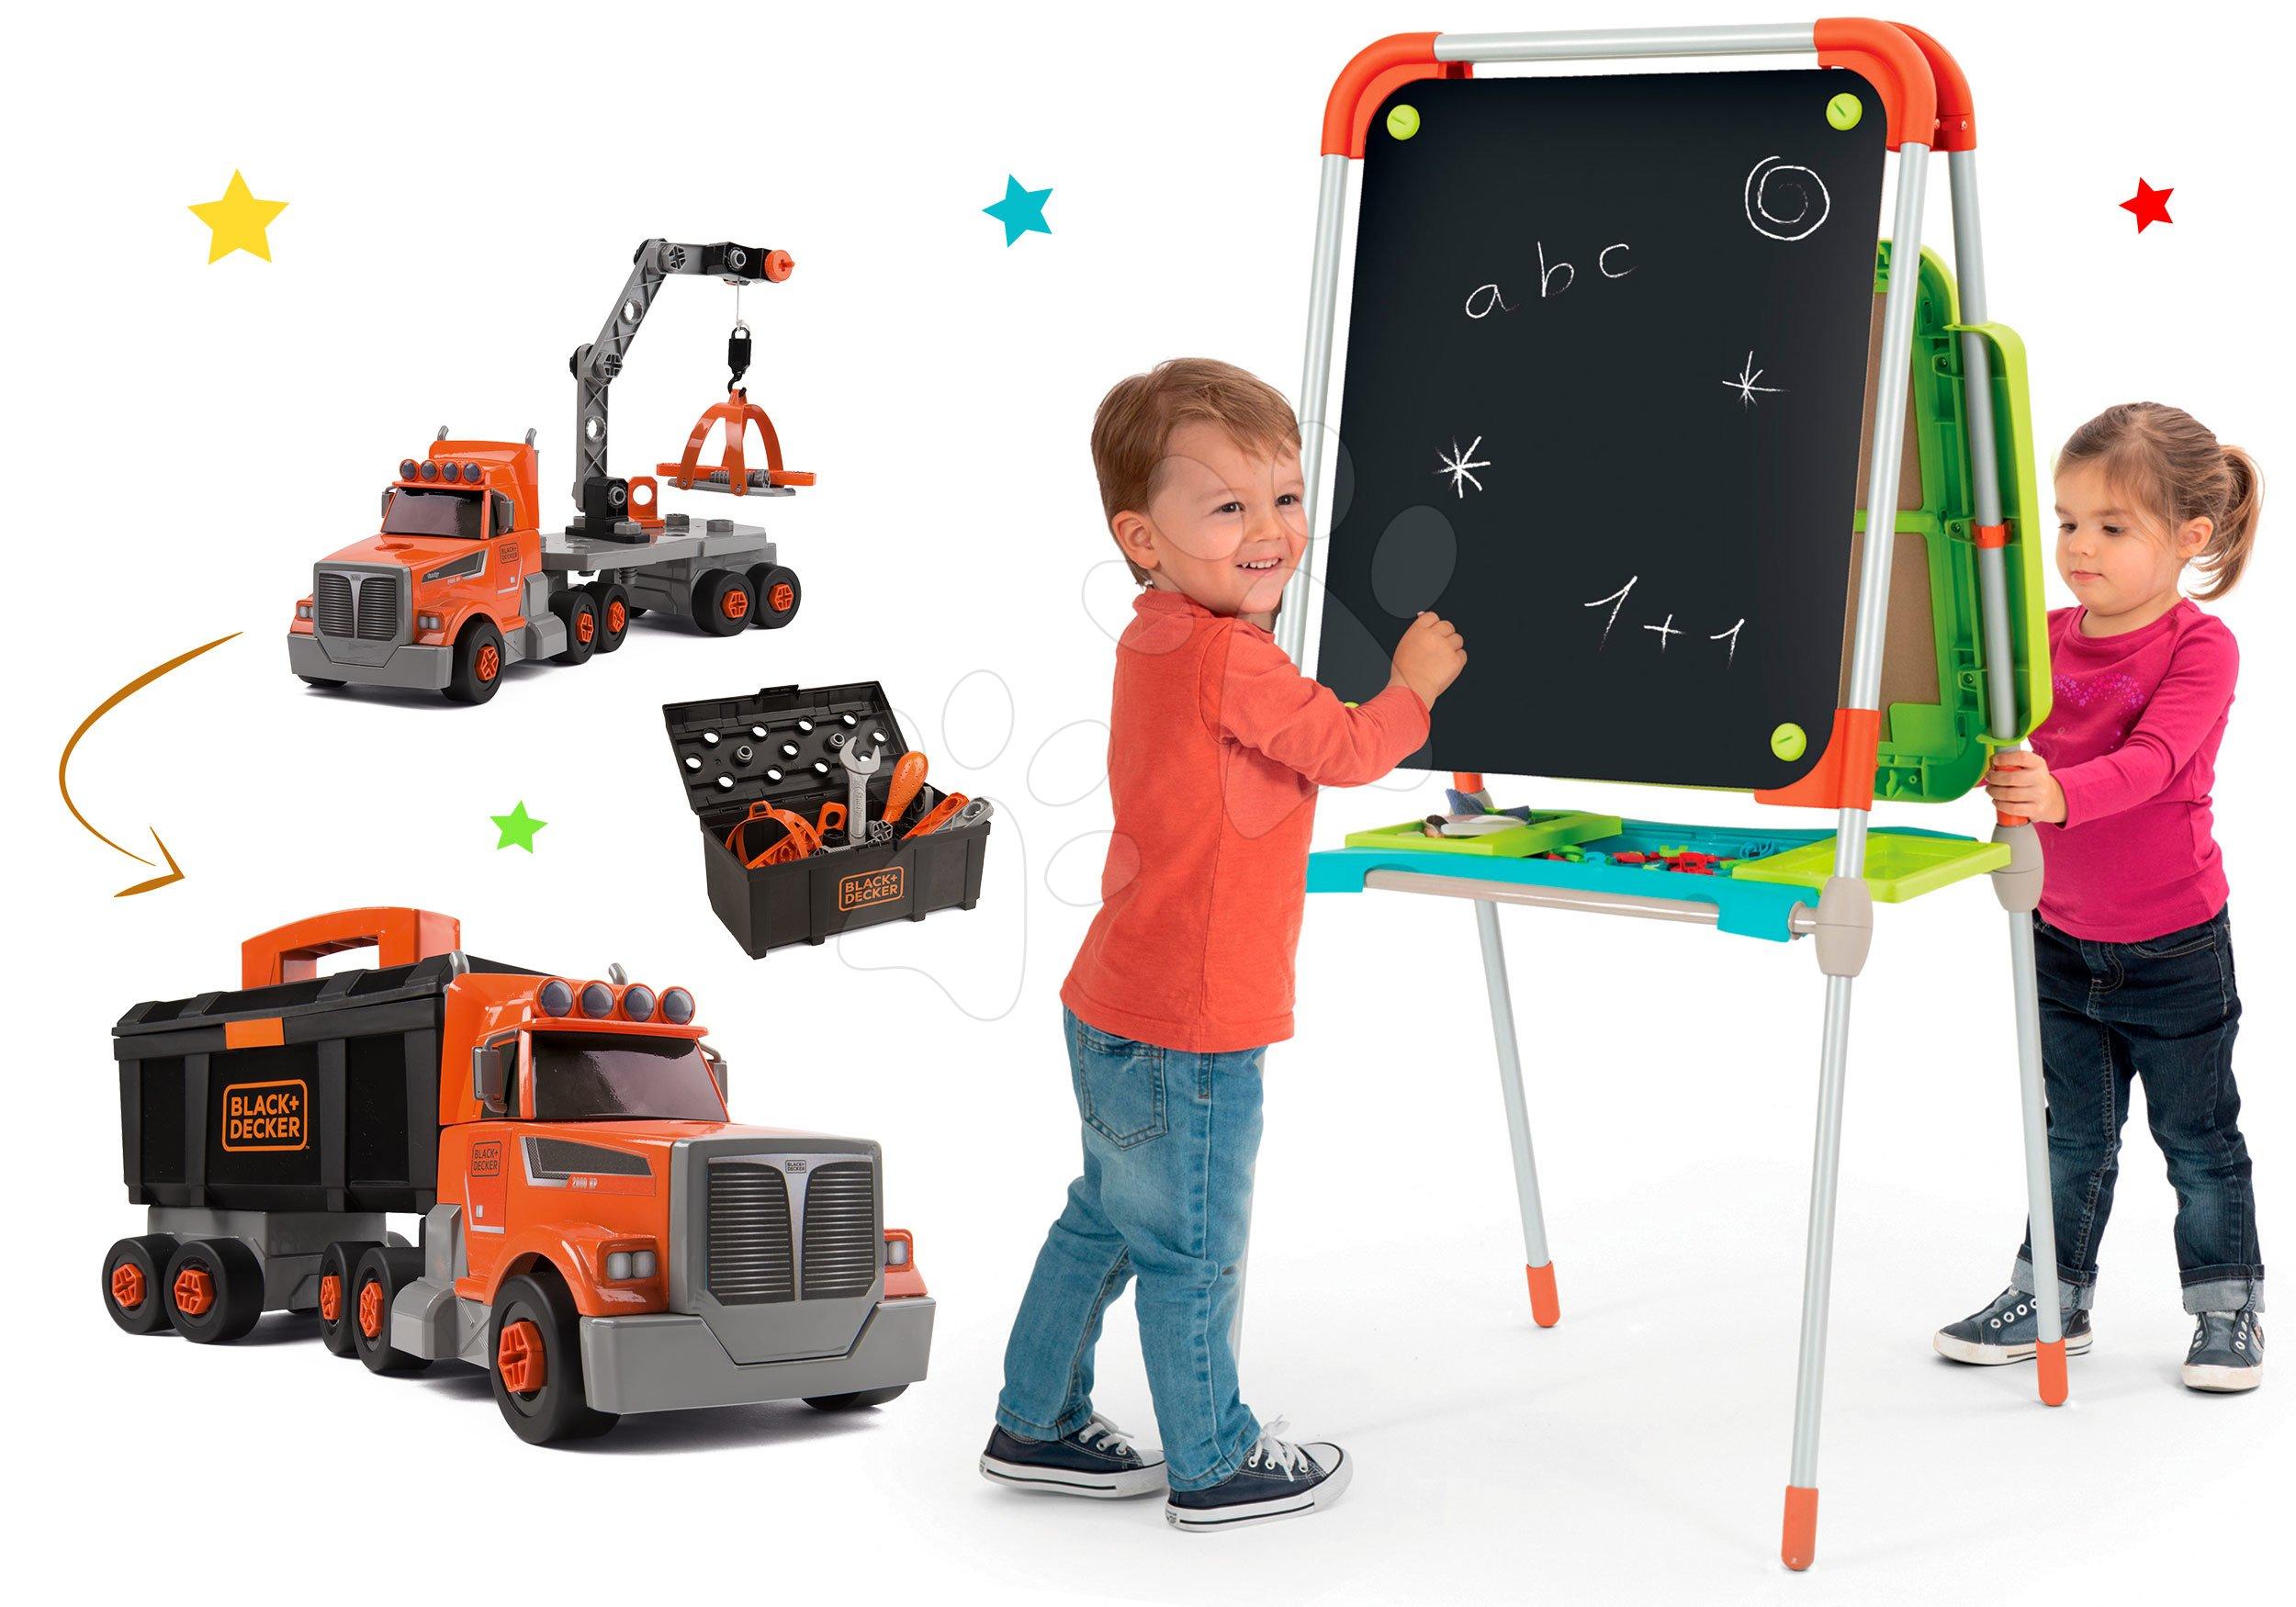 Smoby set školní magnetická tabule a kamion Bob Two Tons Truck s jeřábem 410202-5